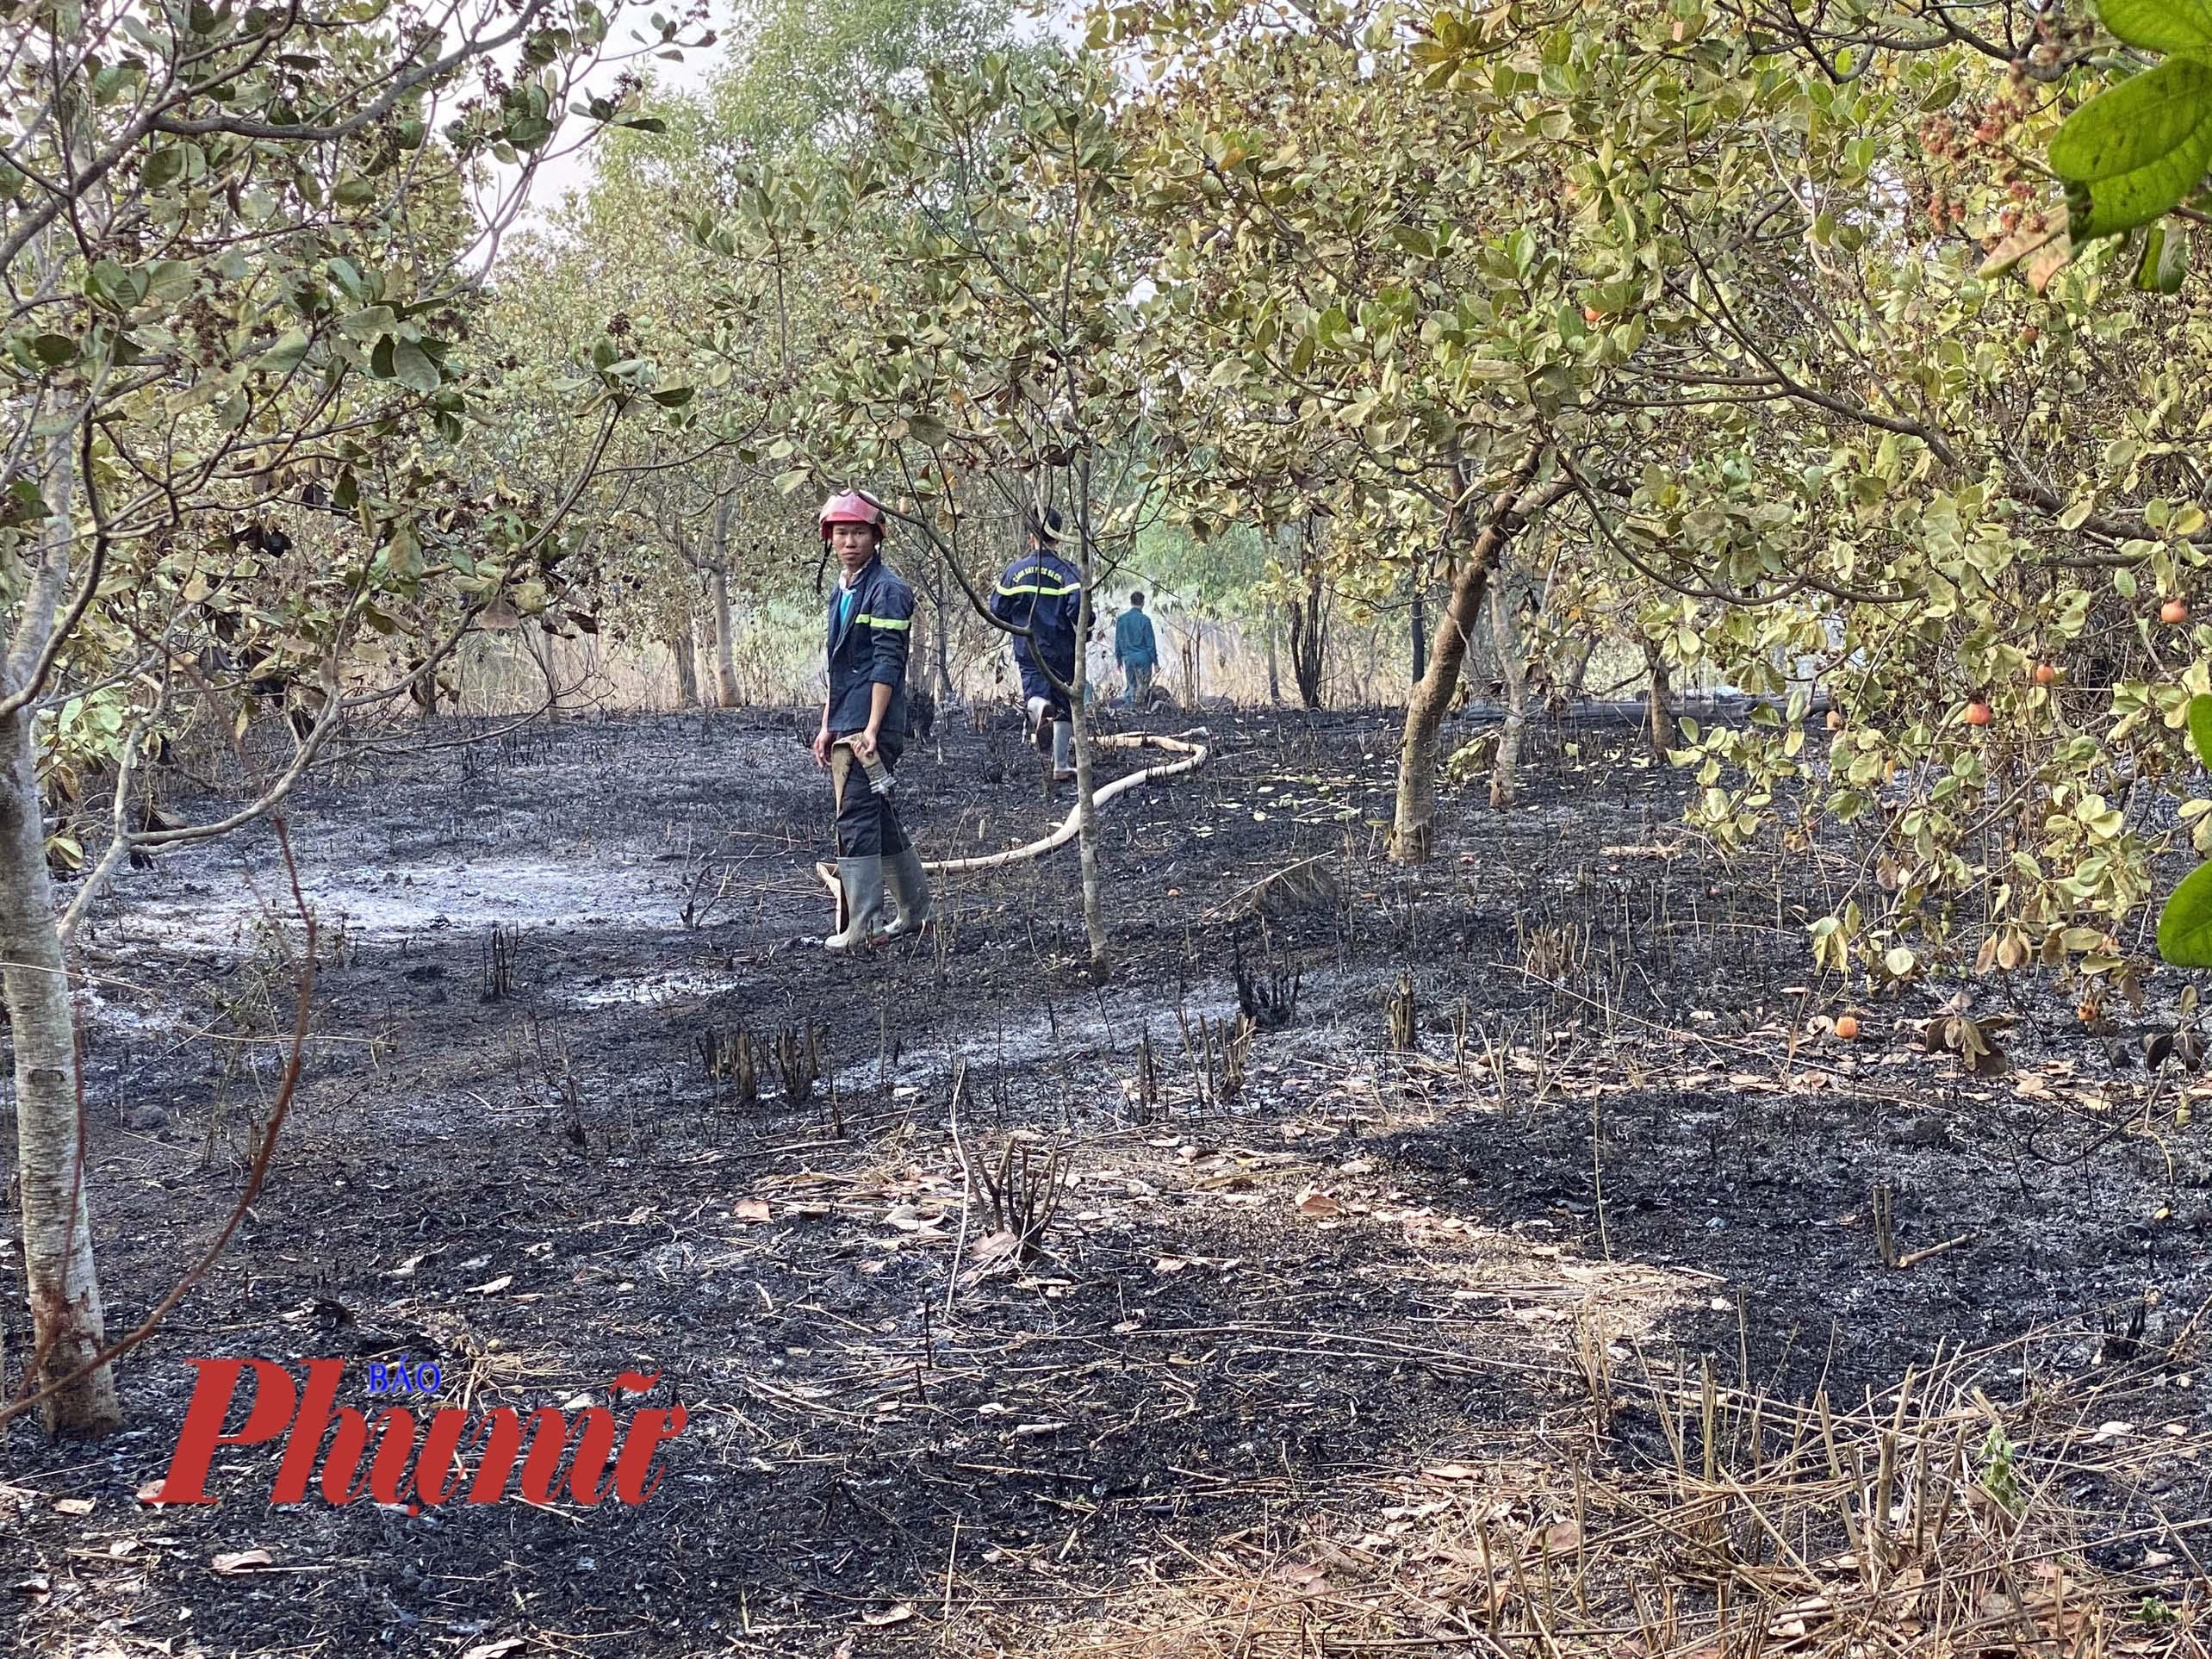 3ha điều đang cho thu hoạch bị mất trắng ngọn lửa từ quá trình dọn rẫy